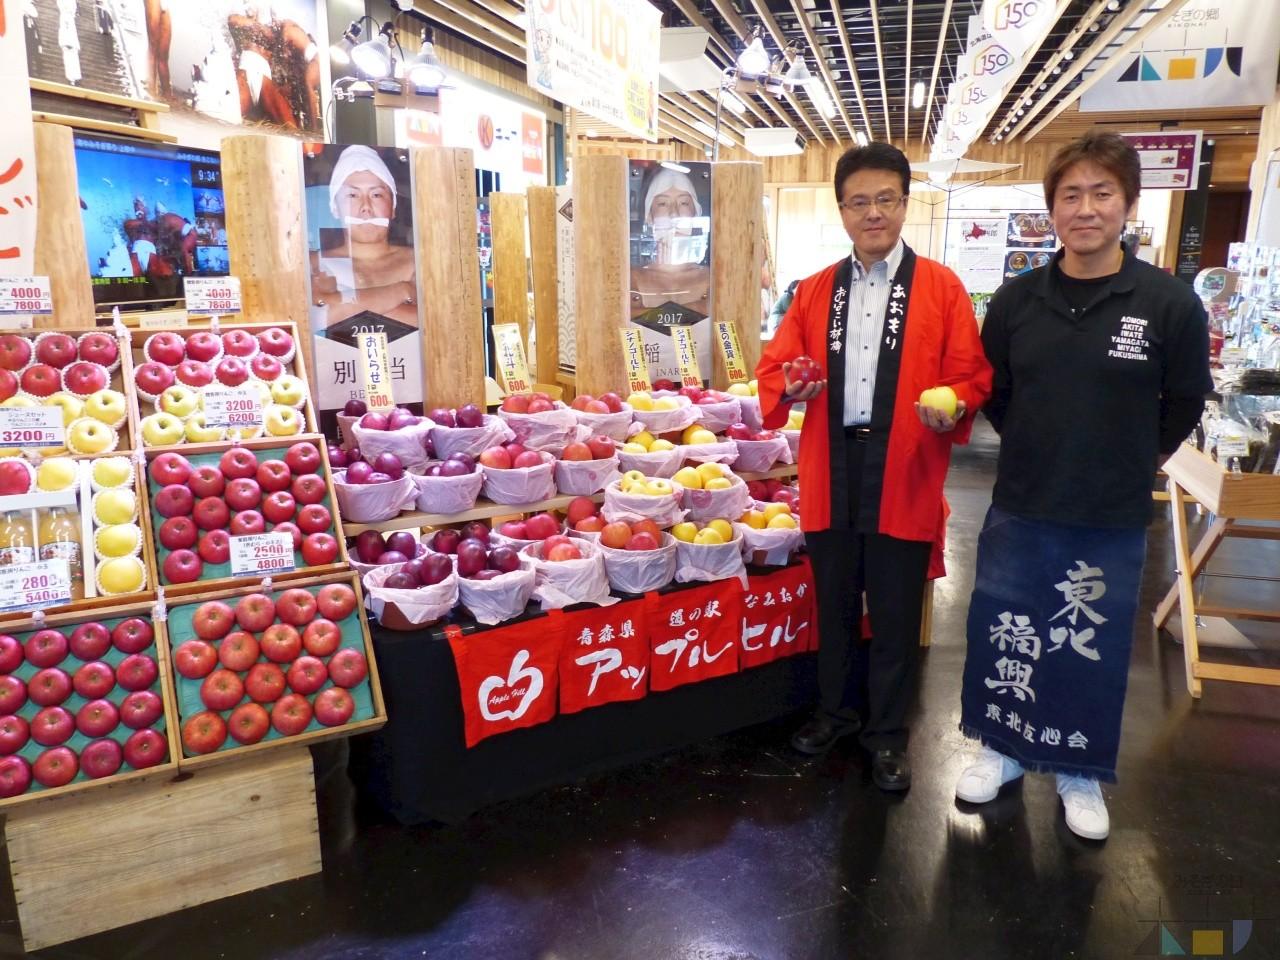 3連休は『道の駅なみおかアップルヒル』の青森リンゴと、『スイーツギャラリー北じま』のアップルパイ等の特別コーナーが登場!